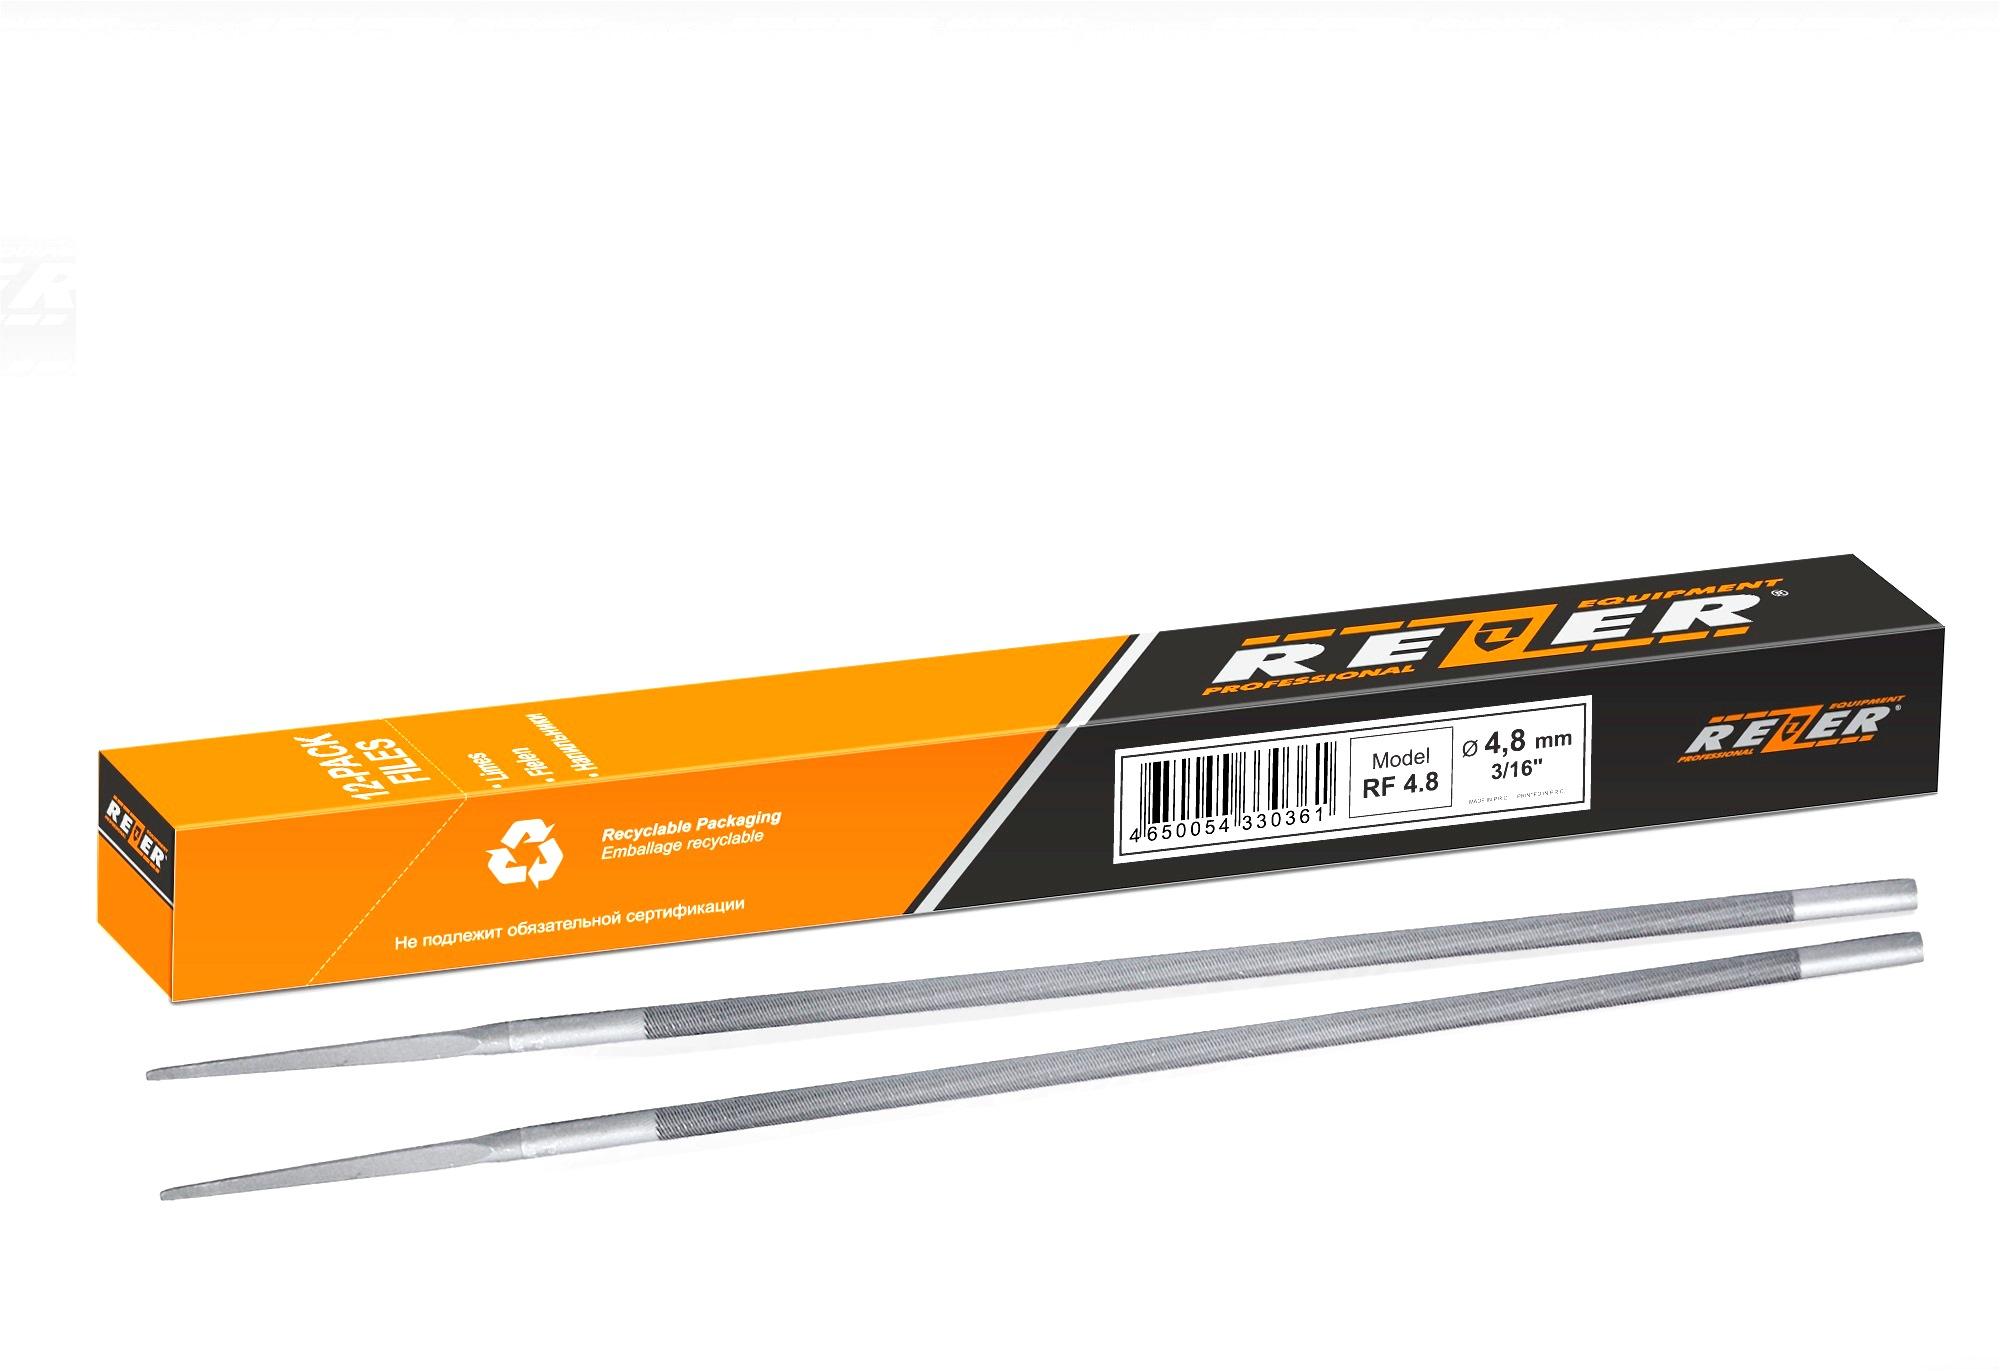 Напильник Rezer Rf 4.8